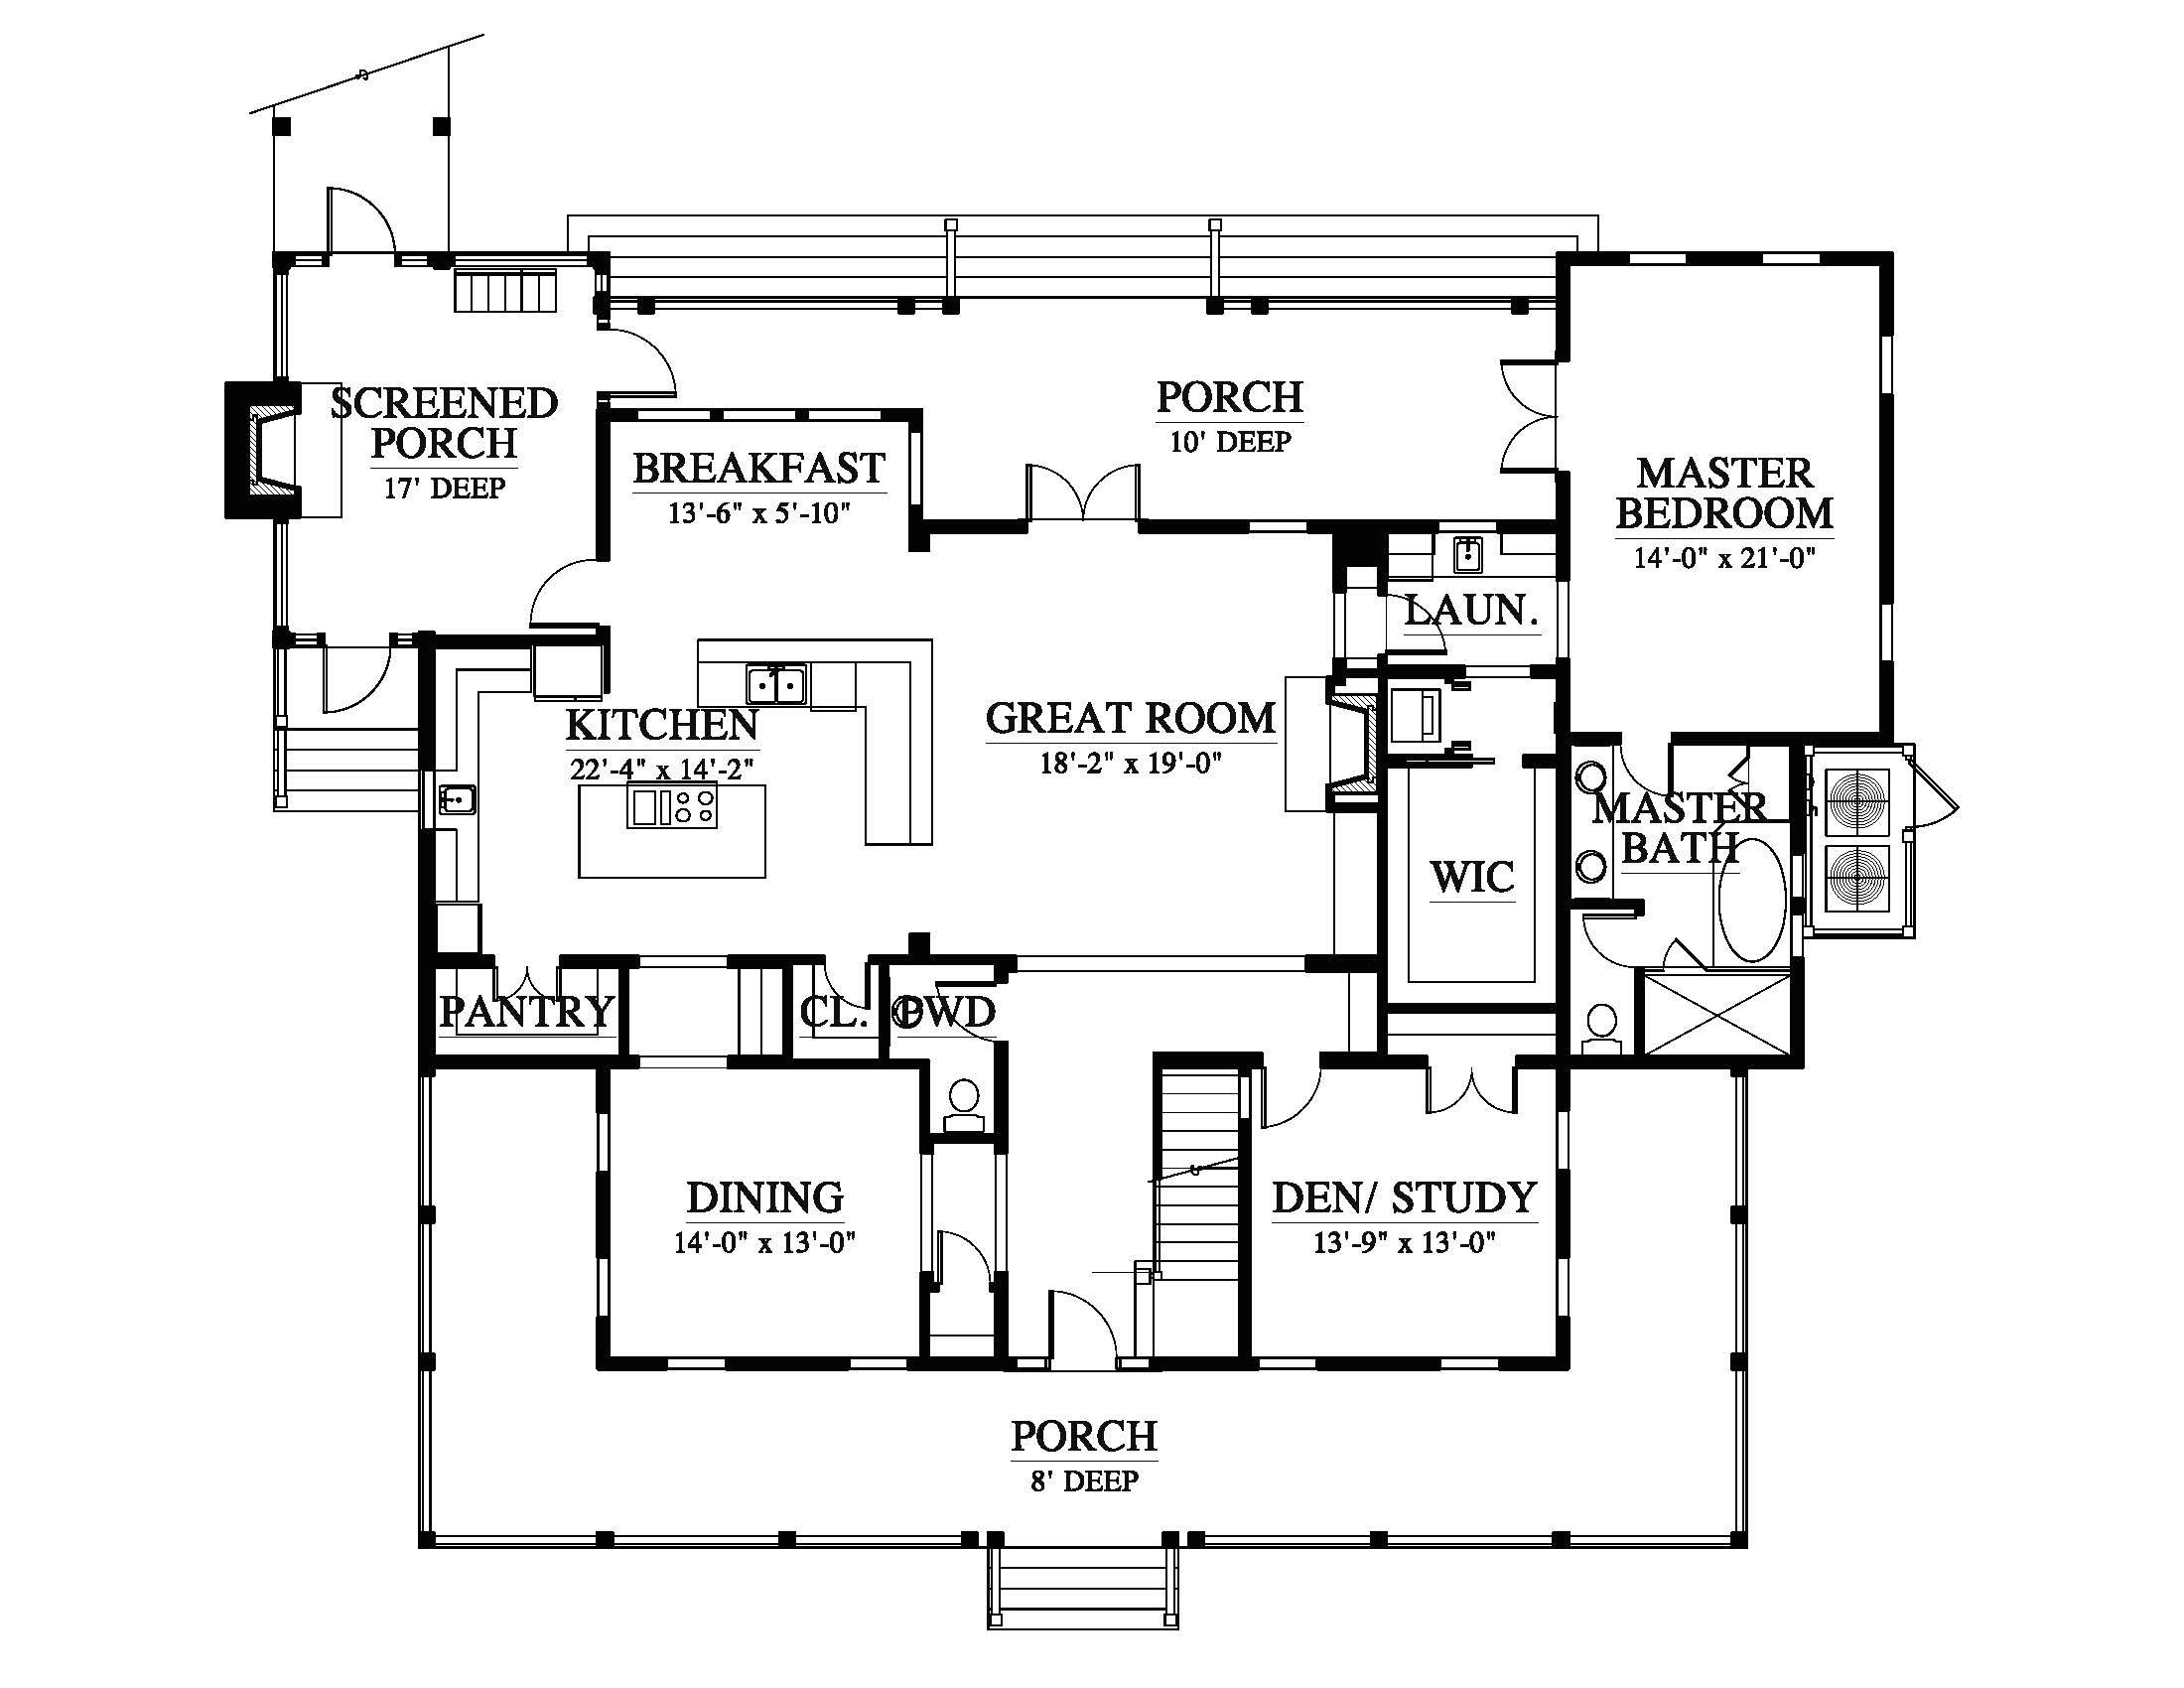 palmetto bluff floor plans